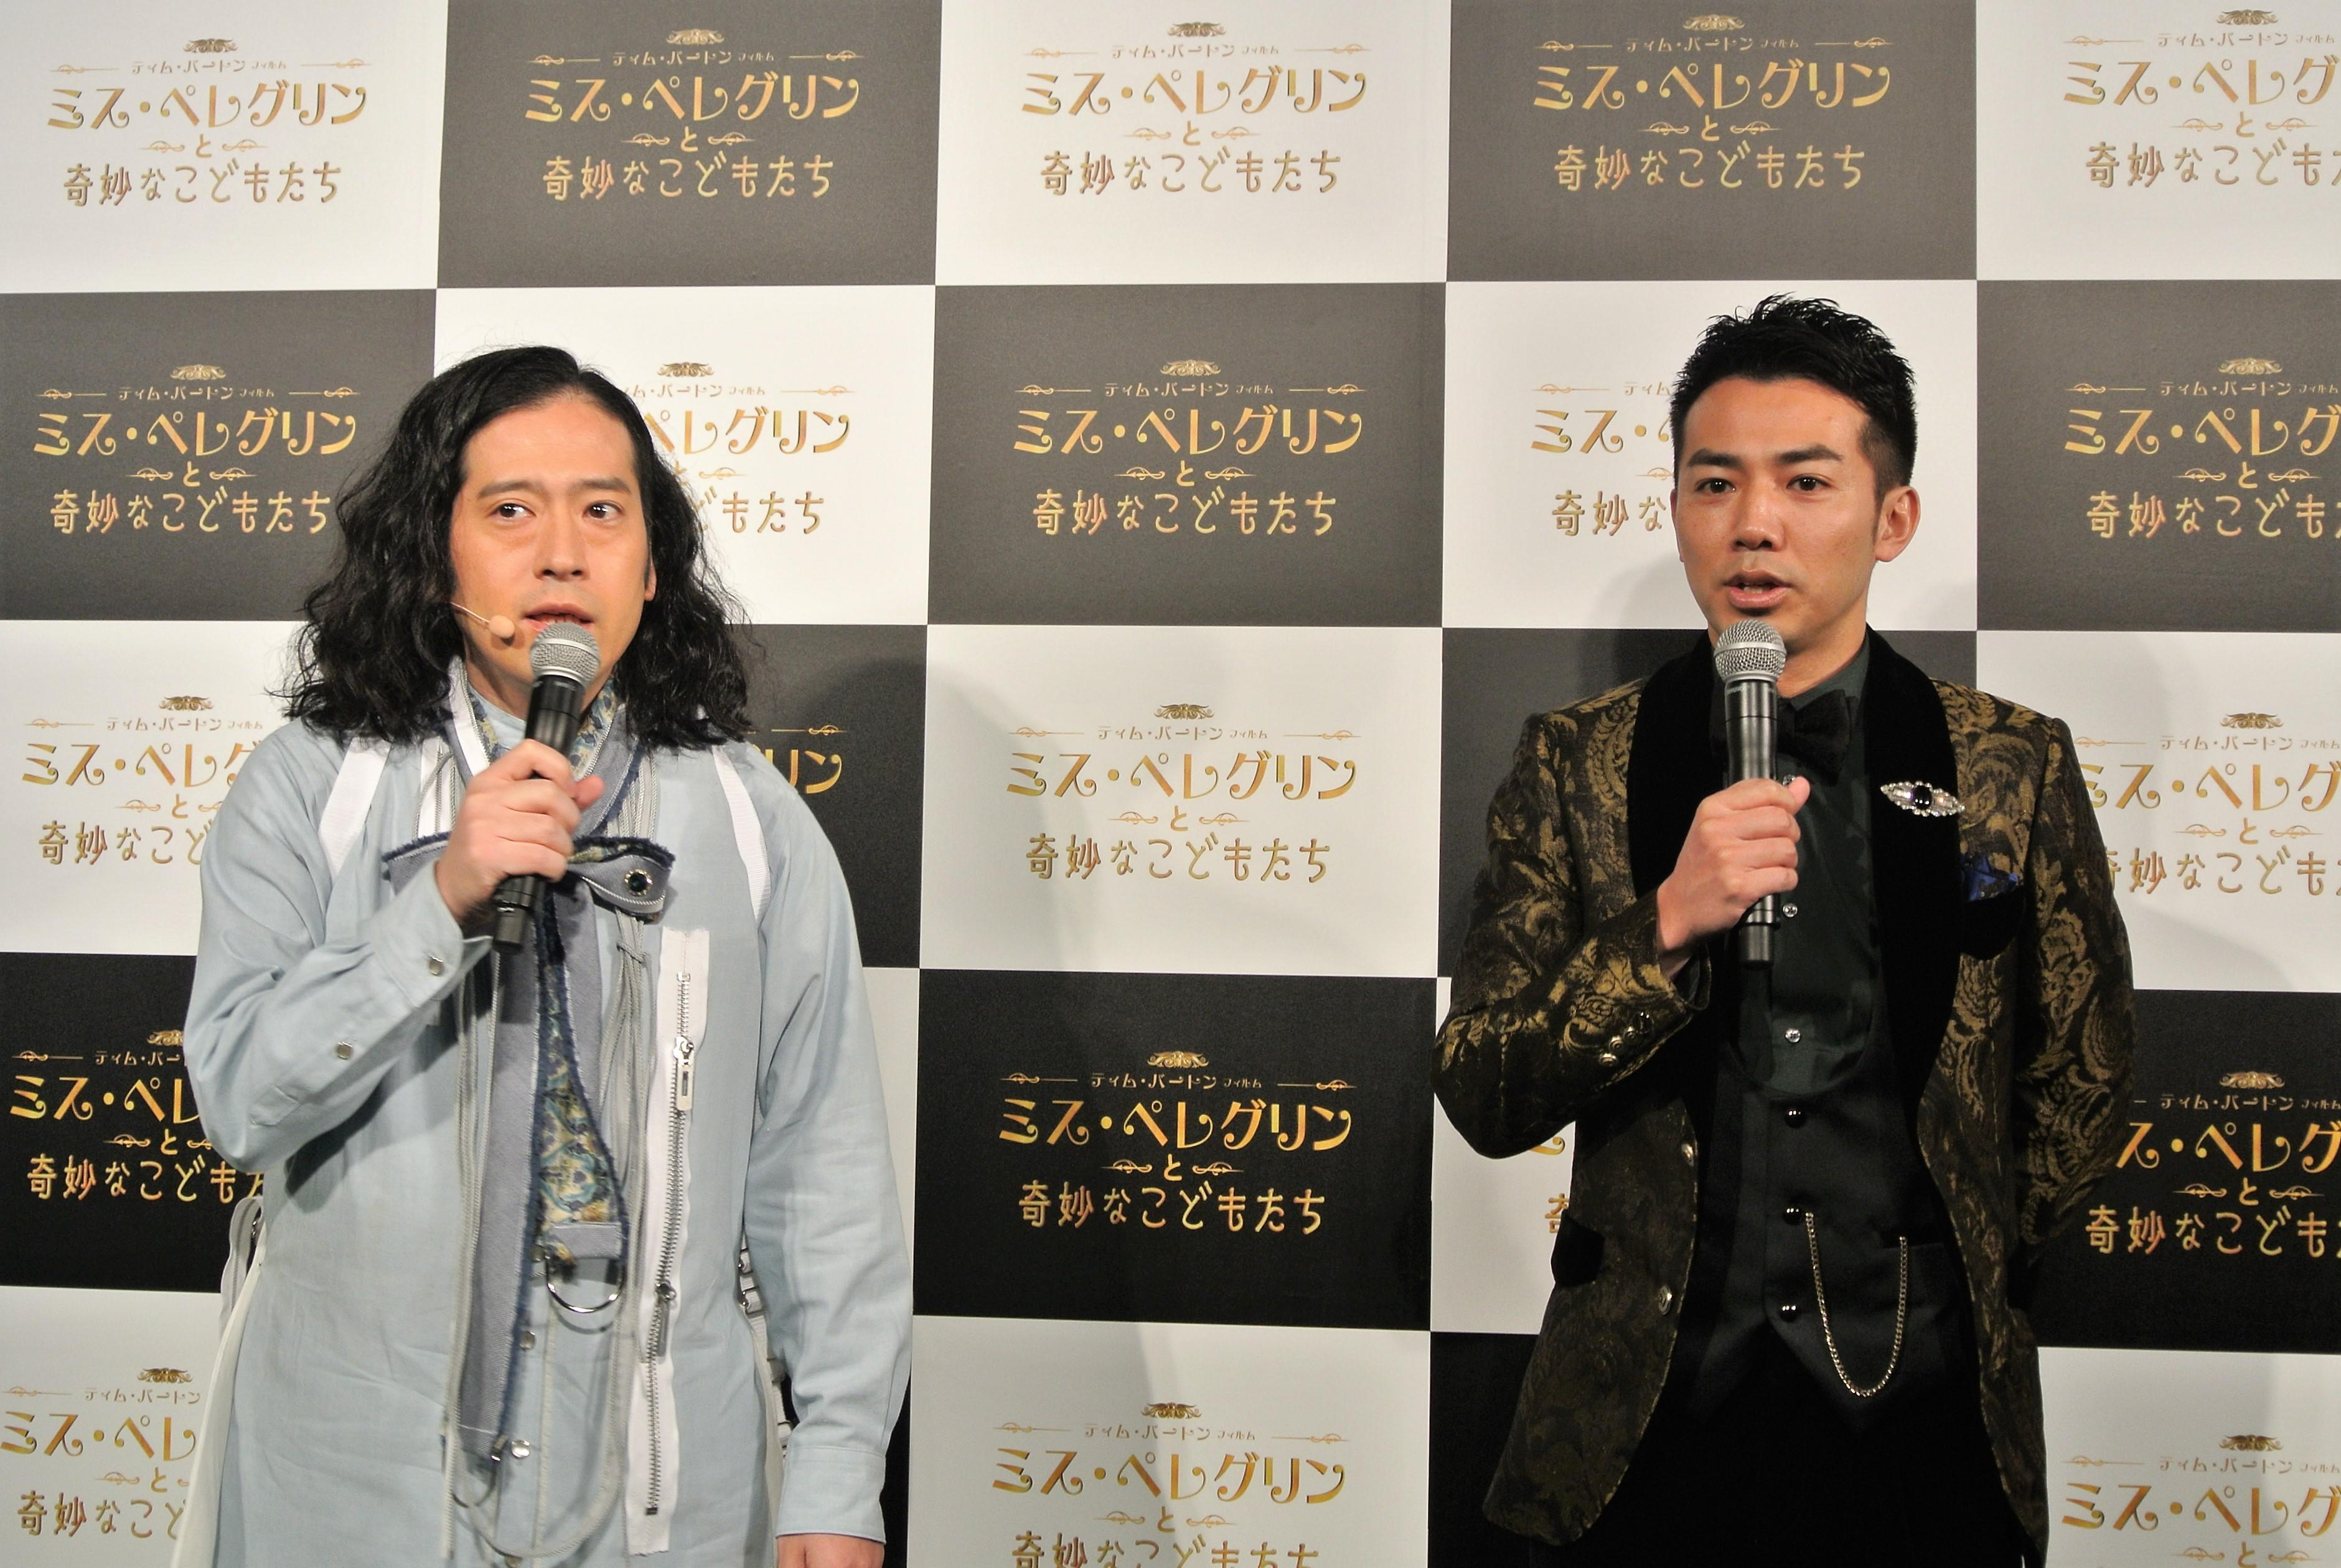 http://news.yoshimoto.co.jp/20170130220649-13240cb27d853d2a85a7a8b0a8267ed87bec2122.jpg